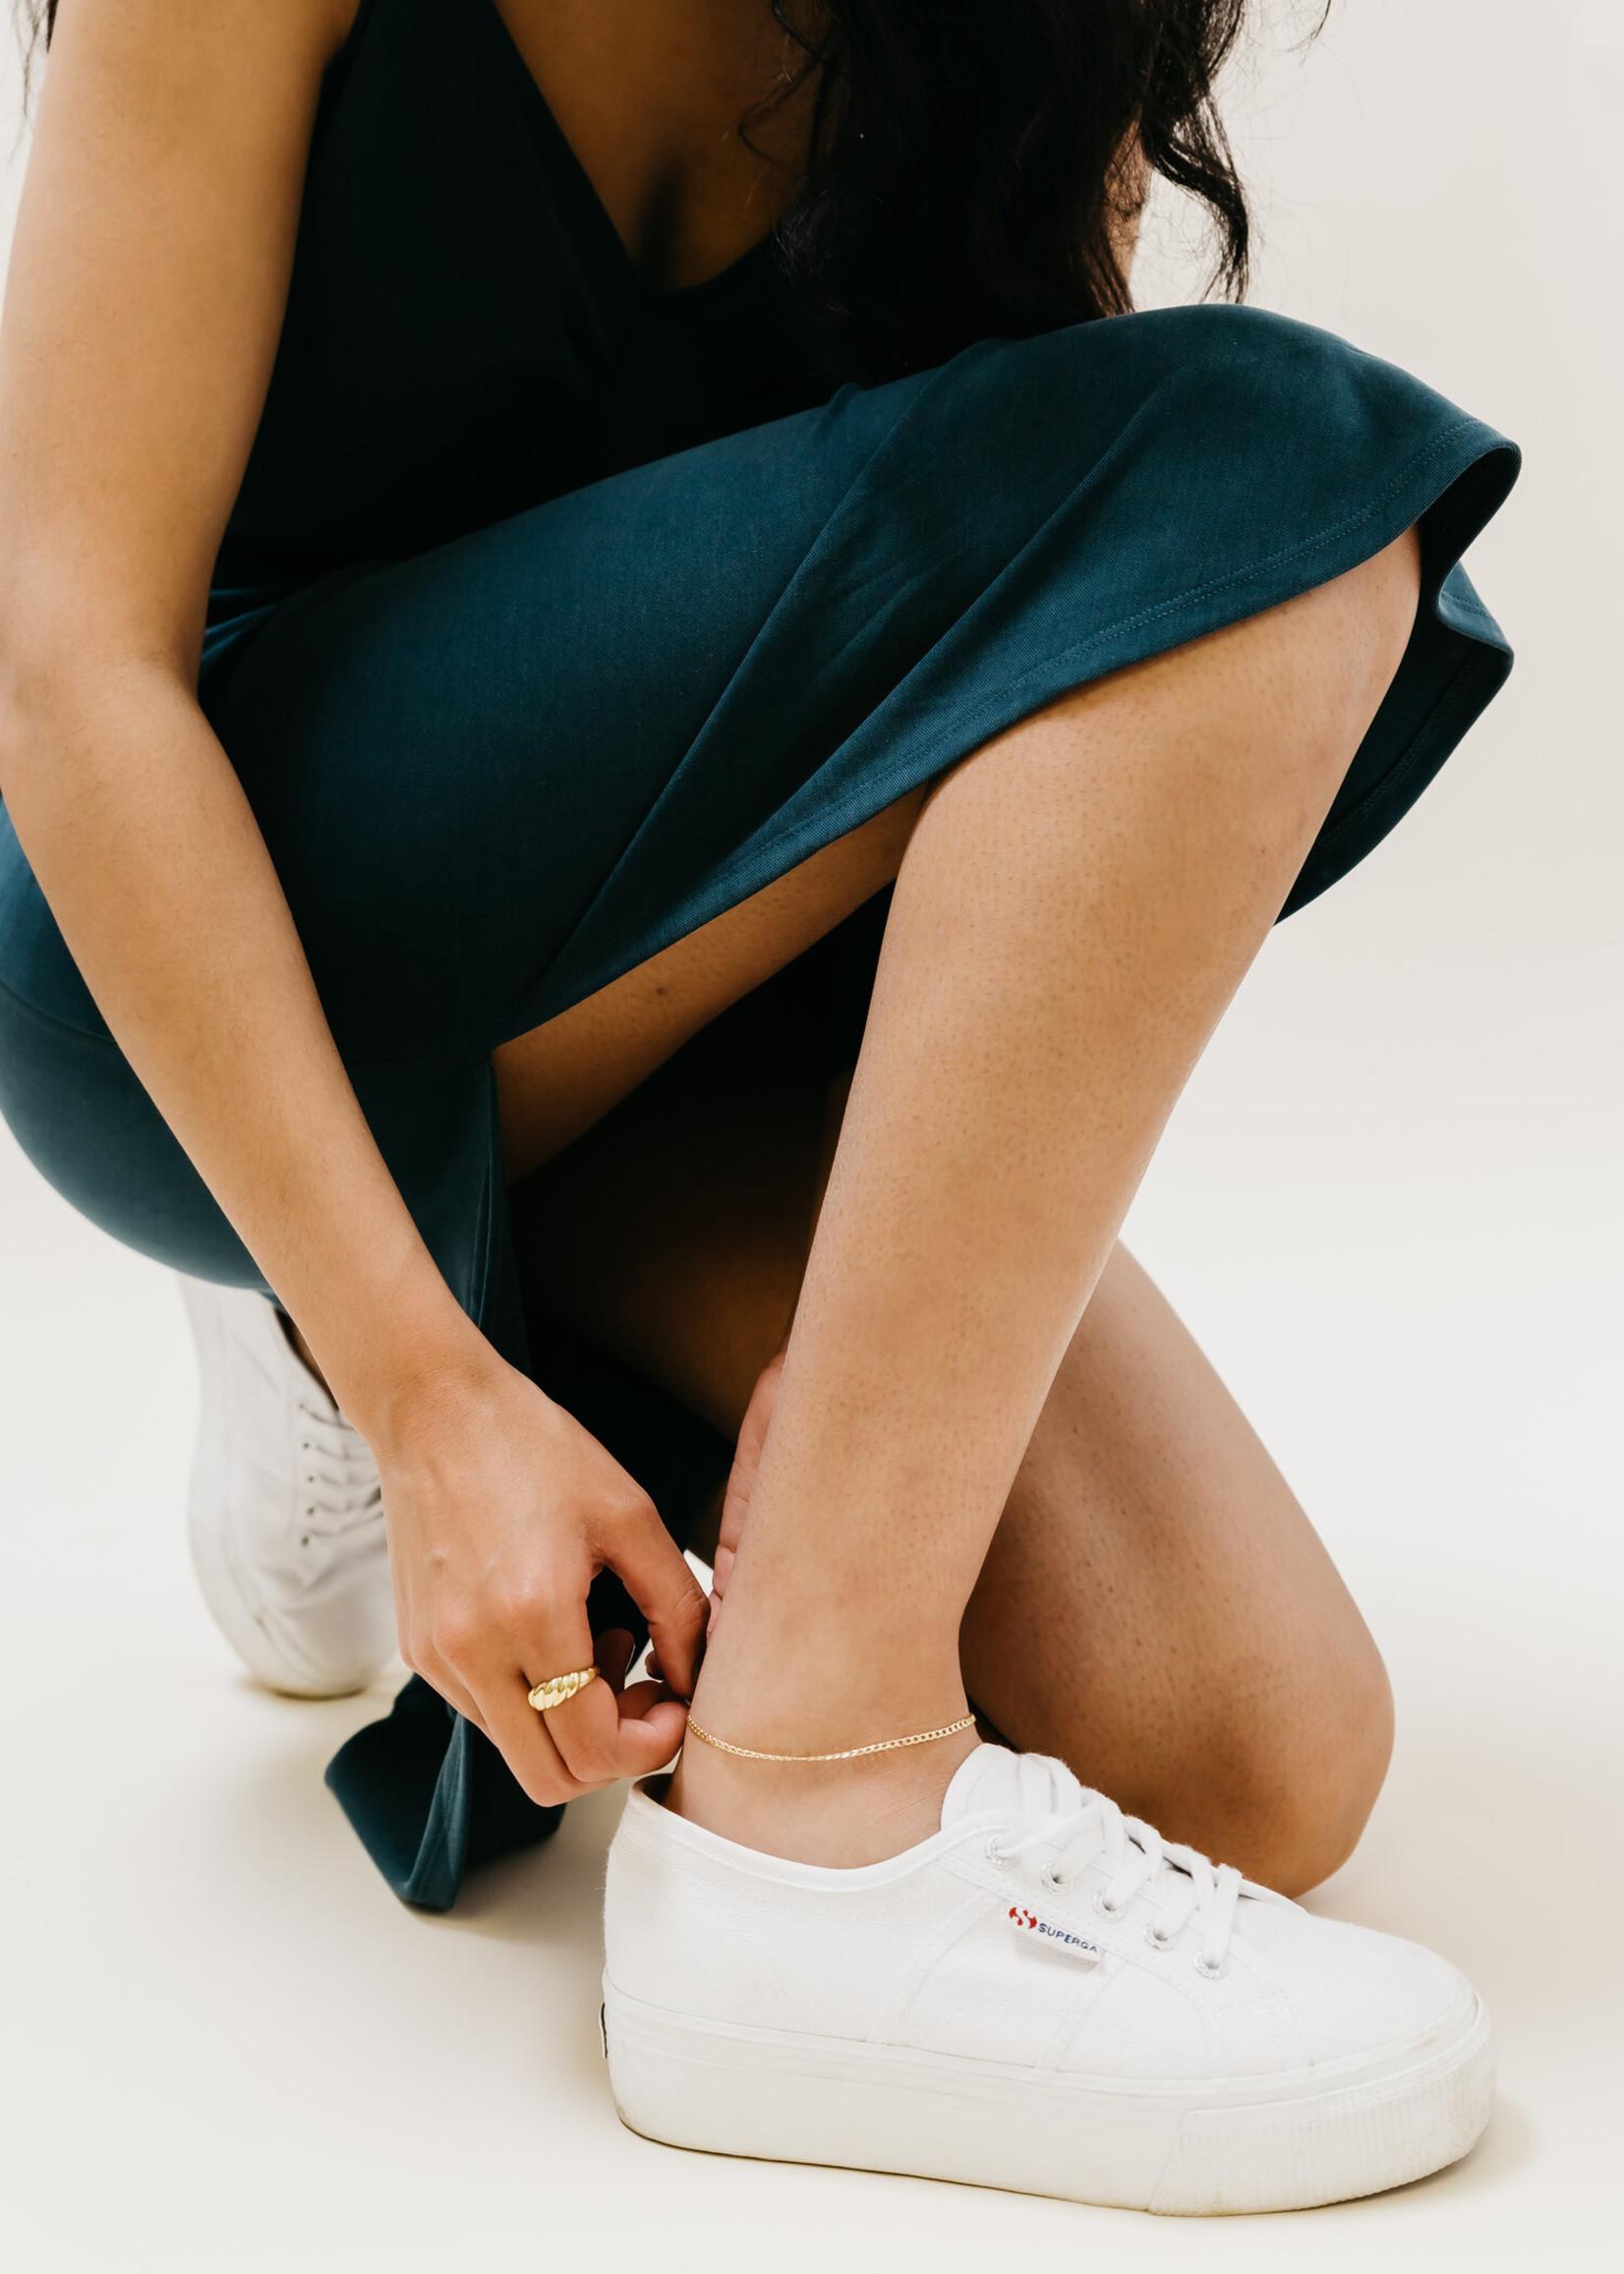 Elizabeth Lyn Jewelry Elizabeth Lynn - Cali Anklet